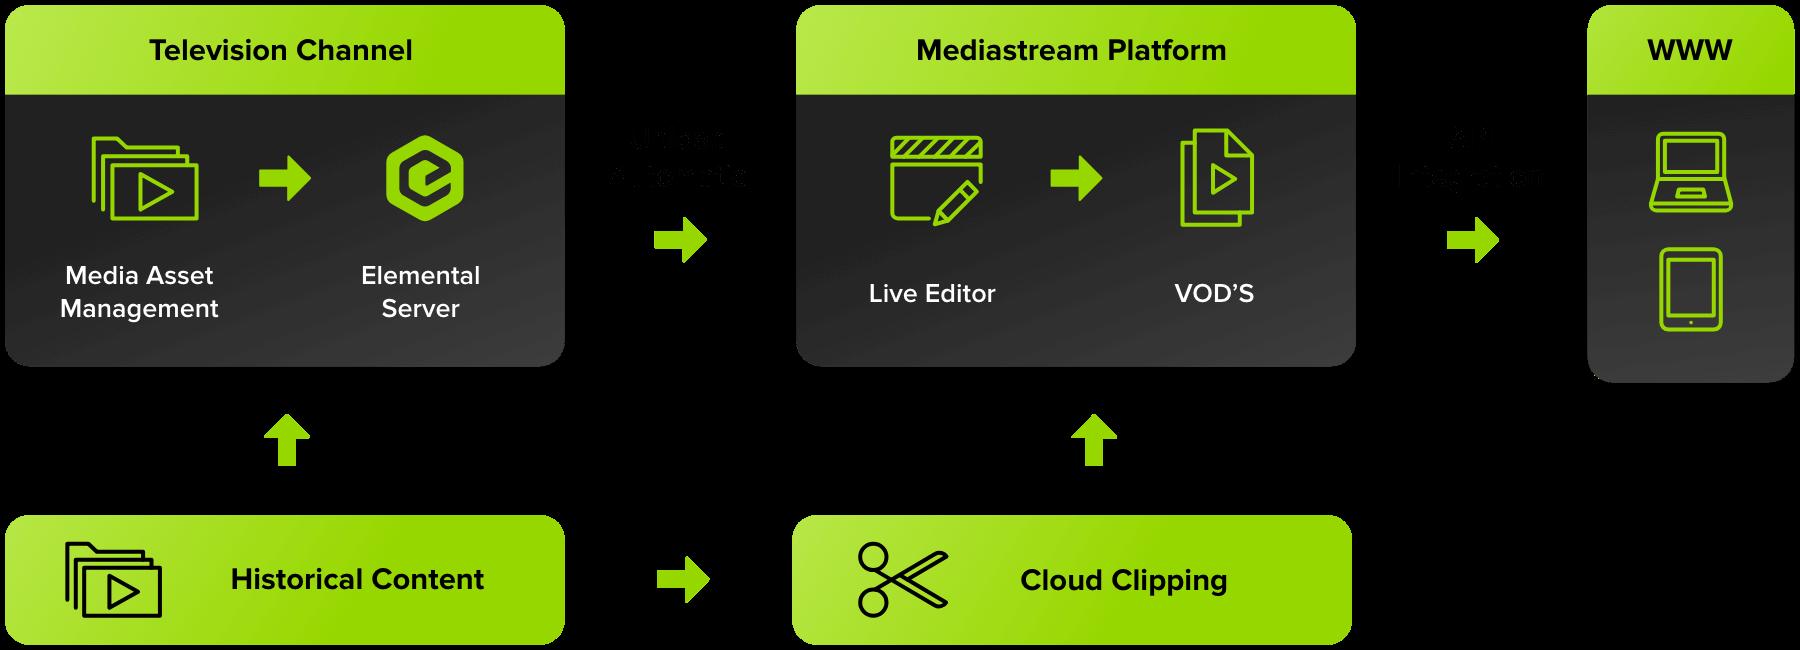 A Mediastream Platform otimiza o fluxo de vídeo em canais e na mídia